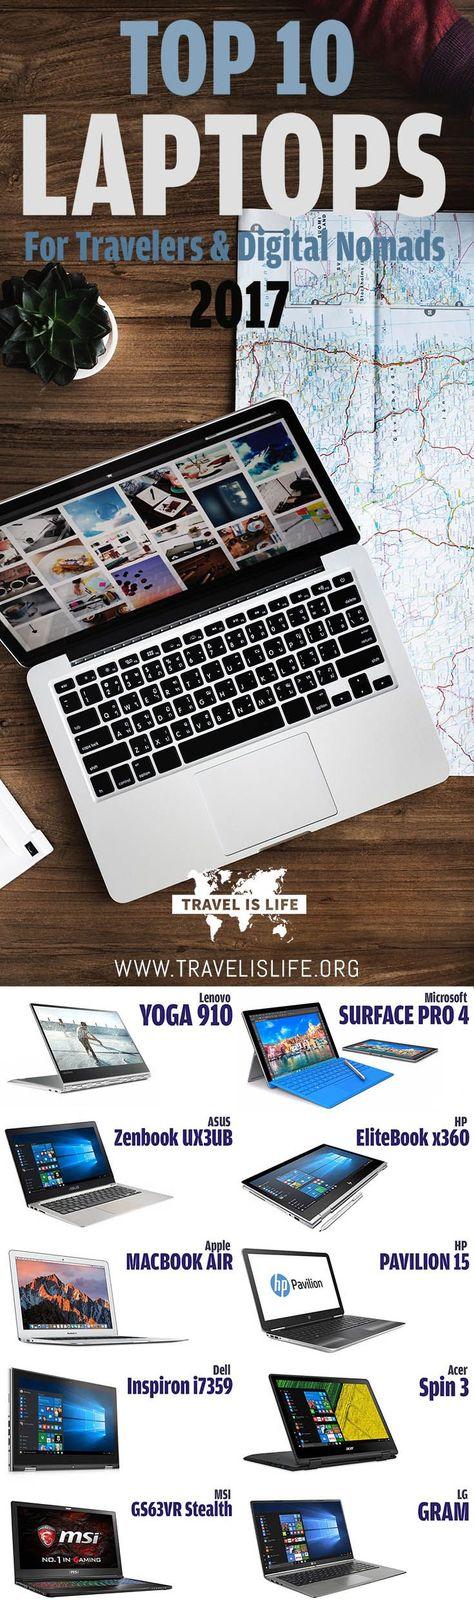 Best Travel Laptops for Digital Nomads & Traveling Freelancers (2017)